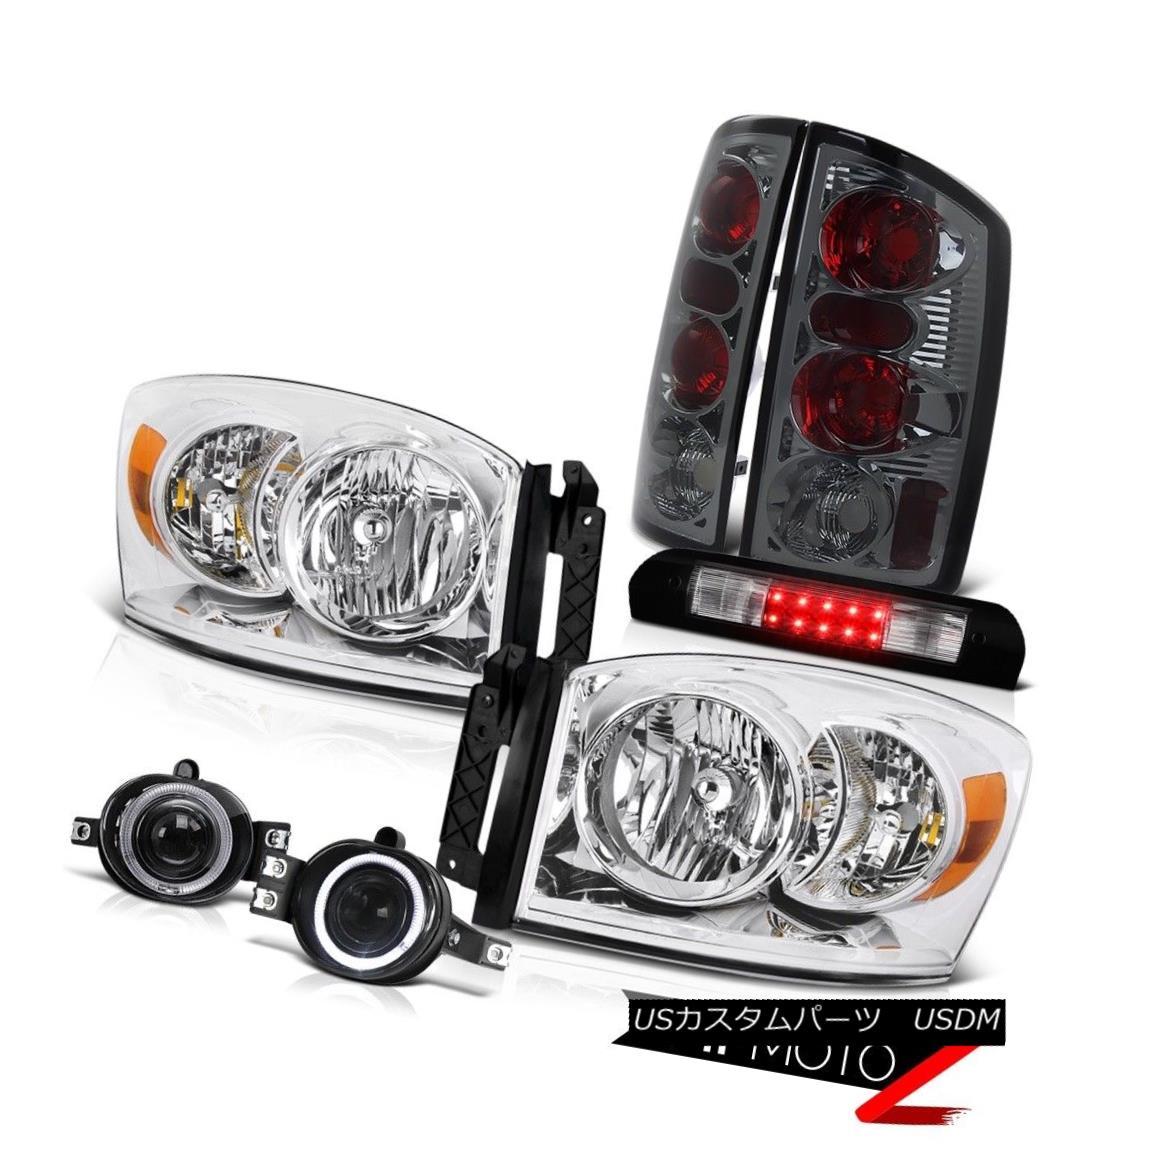 ヘッドライト Crystal Headlights Smoke Rear Brake Lamps Driving Fog Roof LED 06 Dodge Ram 1500 クリスタルヘッドライトスモークリアブレーキランプフォグルーフLED 06ドッジラム1500